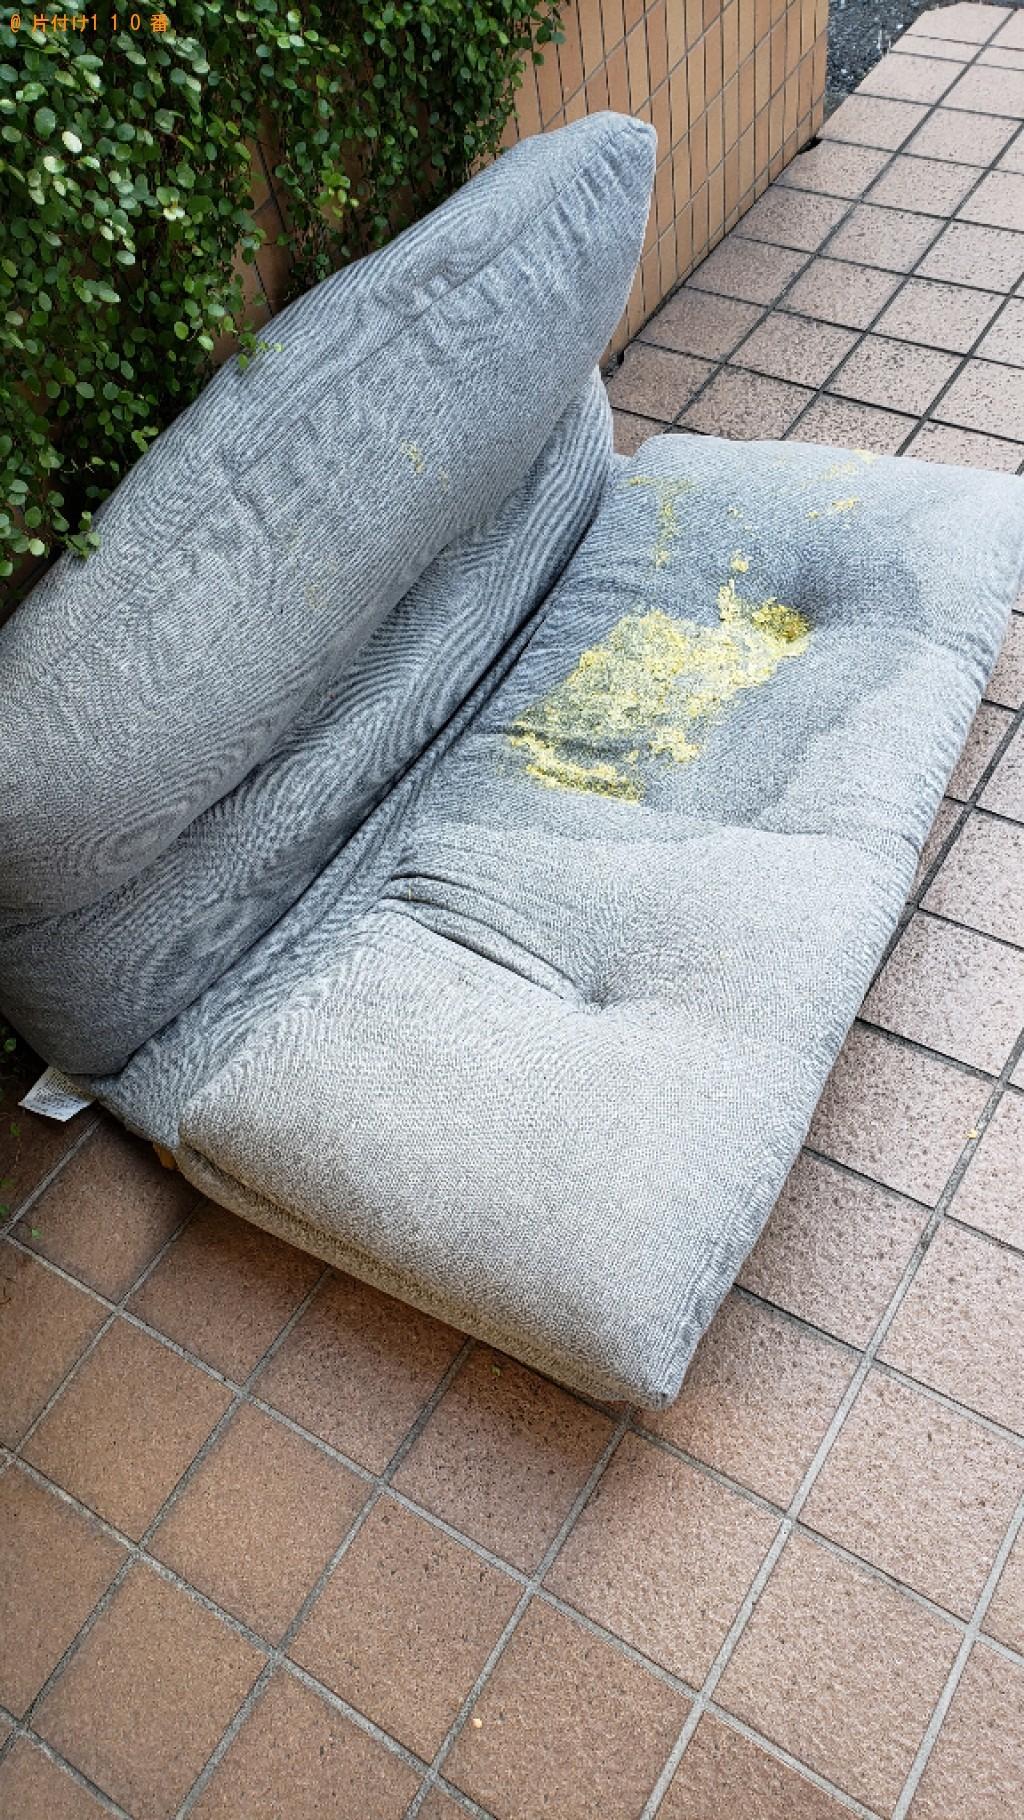 【市川市】ソファーの出張不用品回収・処分ご依頼 お客様の声